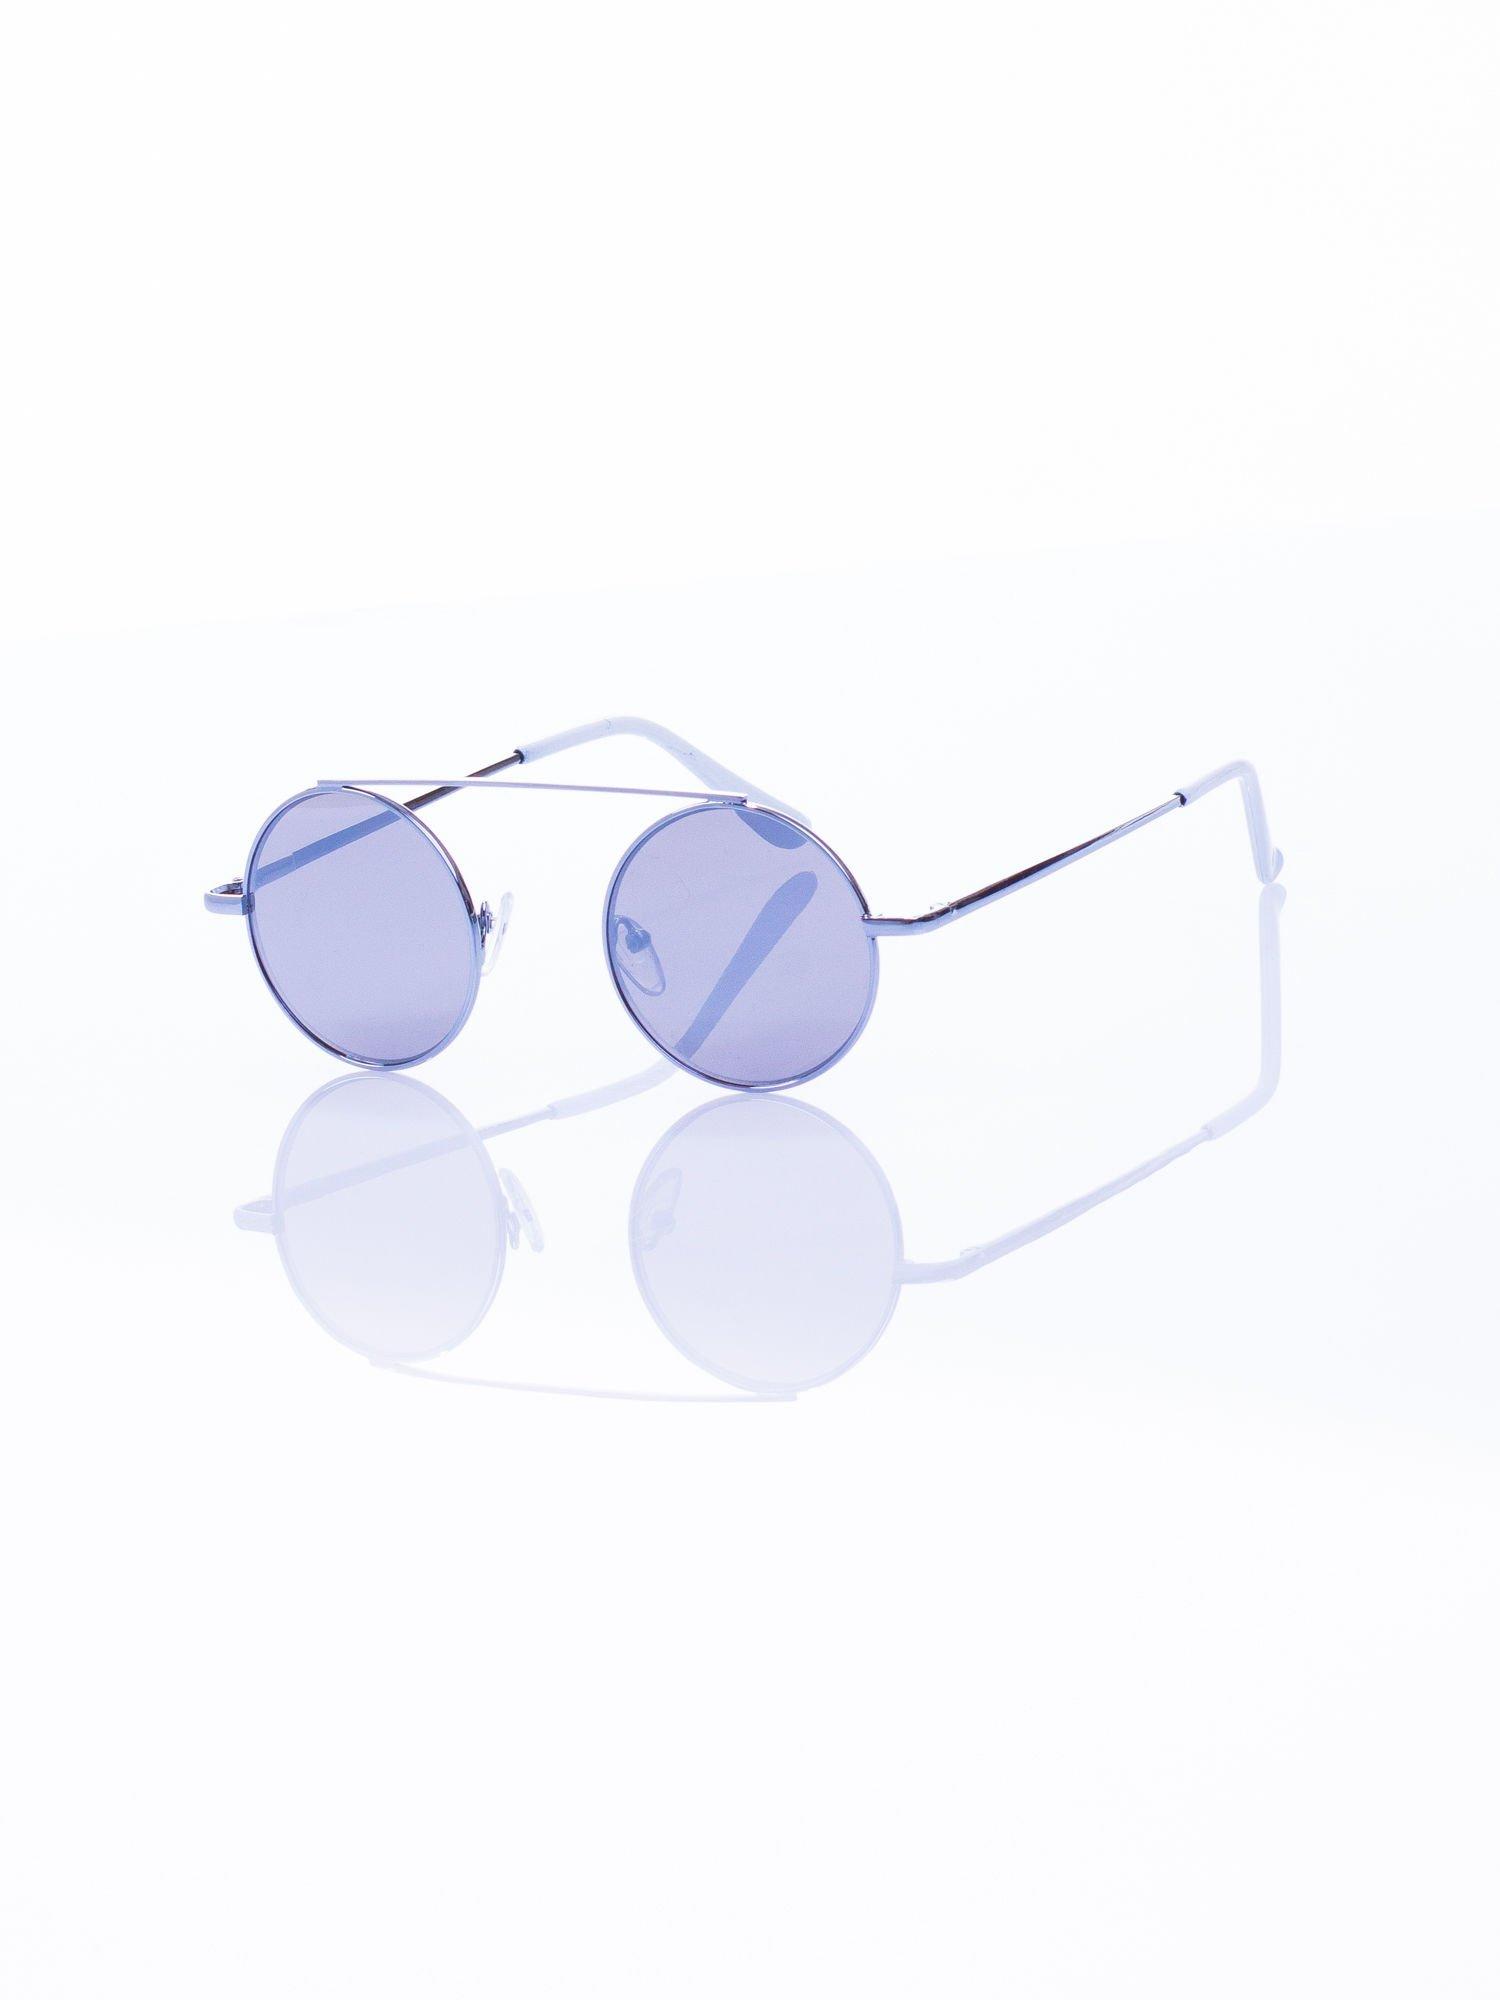 Srebrne okulary przeciwsłoneczne LENONKI lustrzanka                                  zdj.                                  5